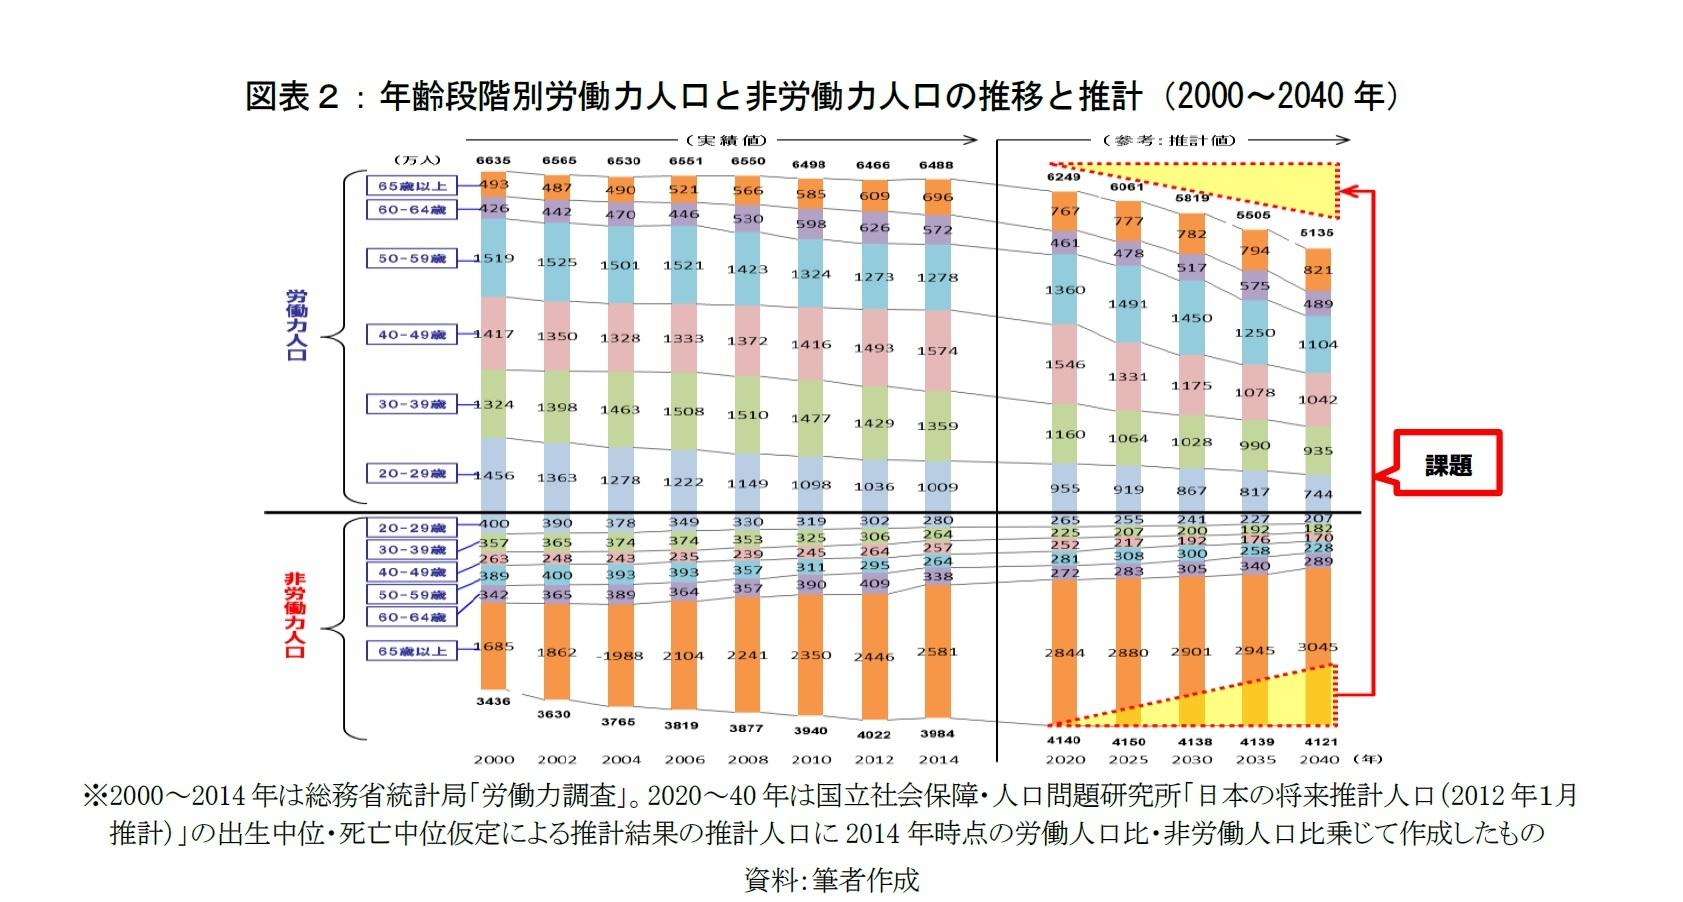 図表2:年齢段階別労働力人口と非労働力人口の推移と推計(2000~2040年)